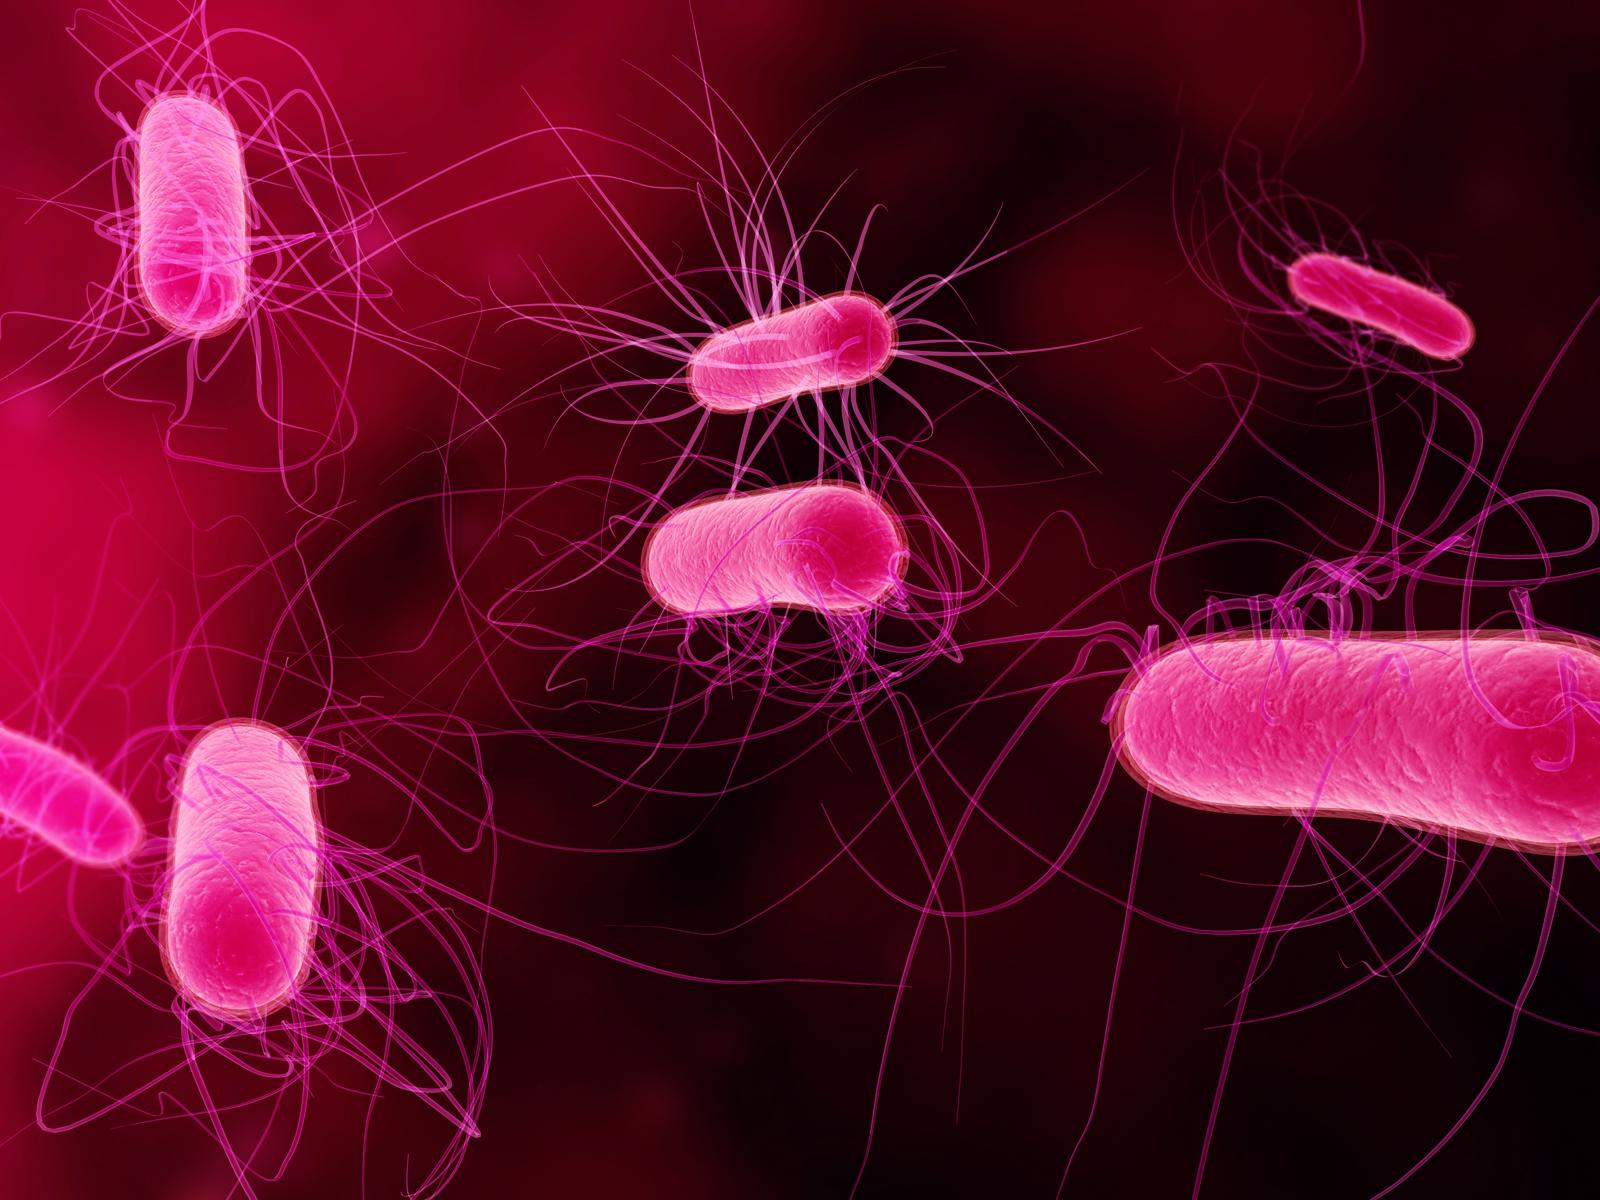 бактерия картинки